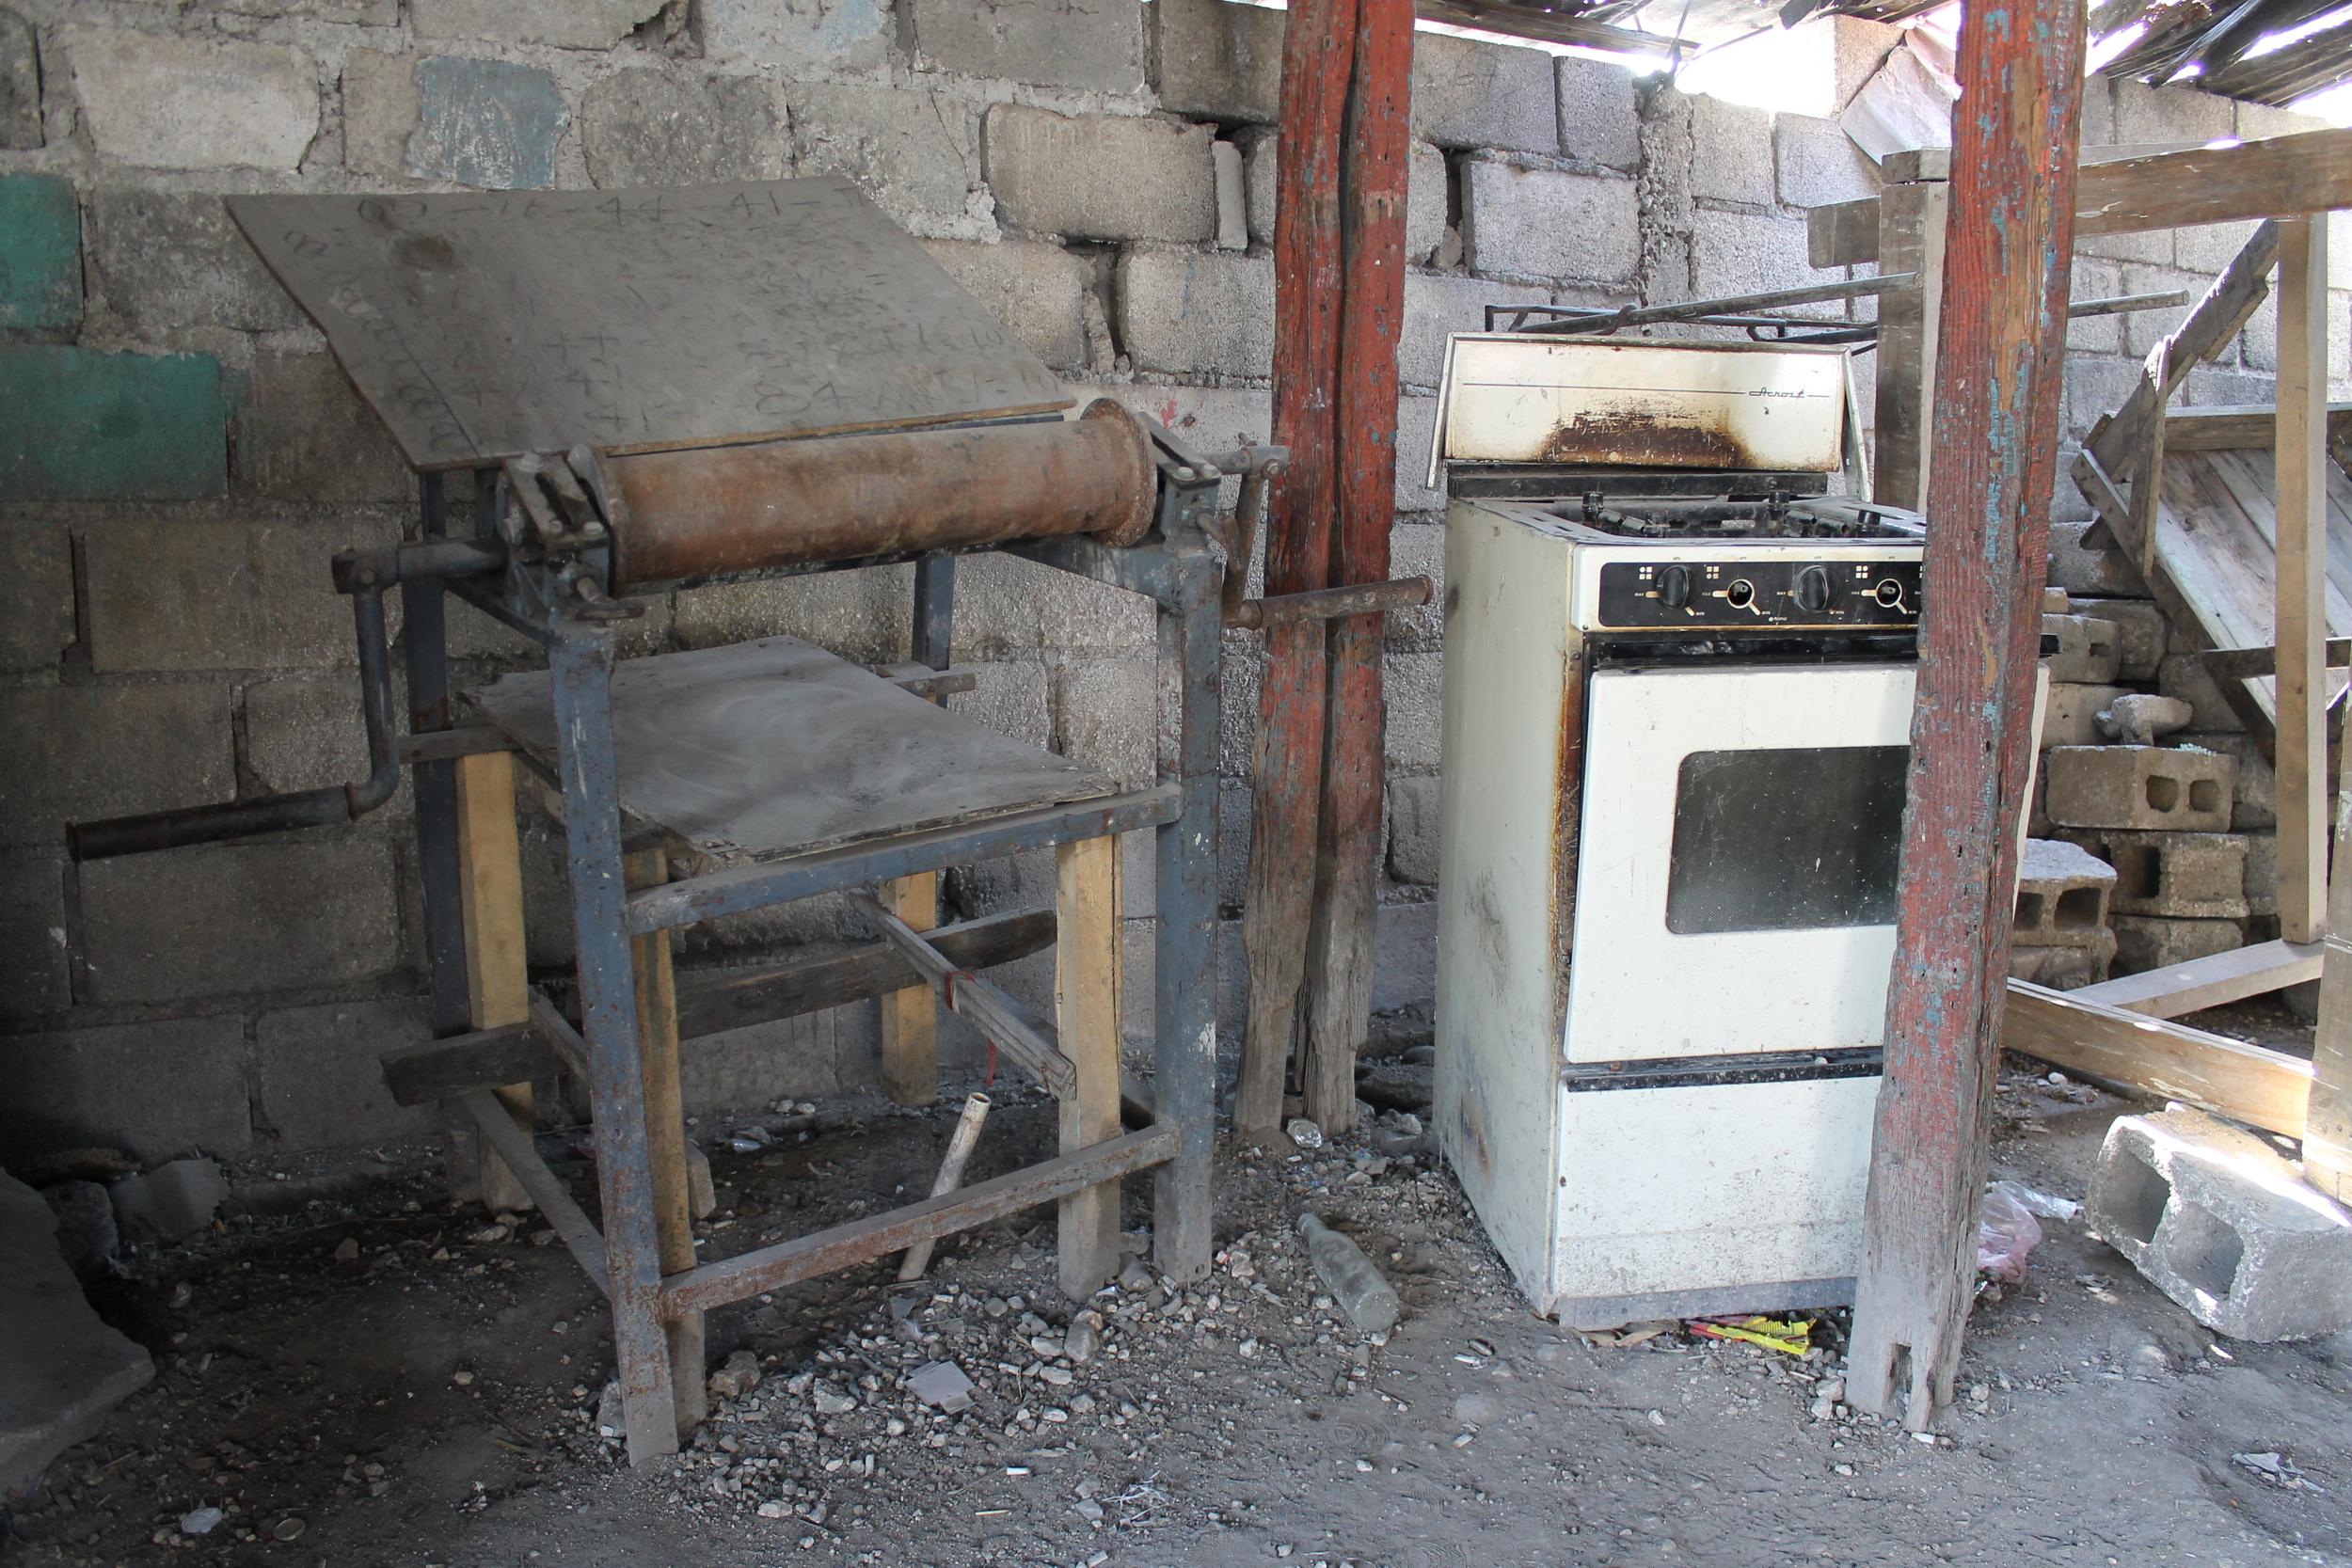 Granoit bakery before ICB